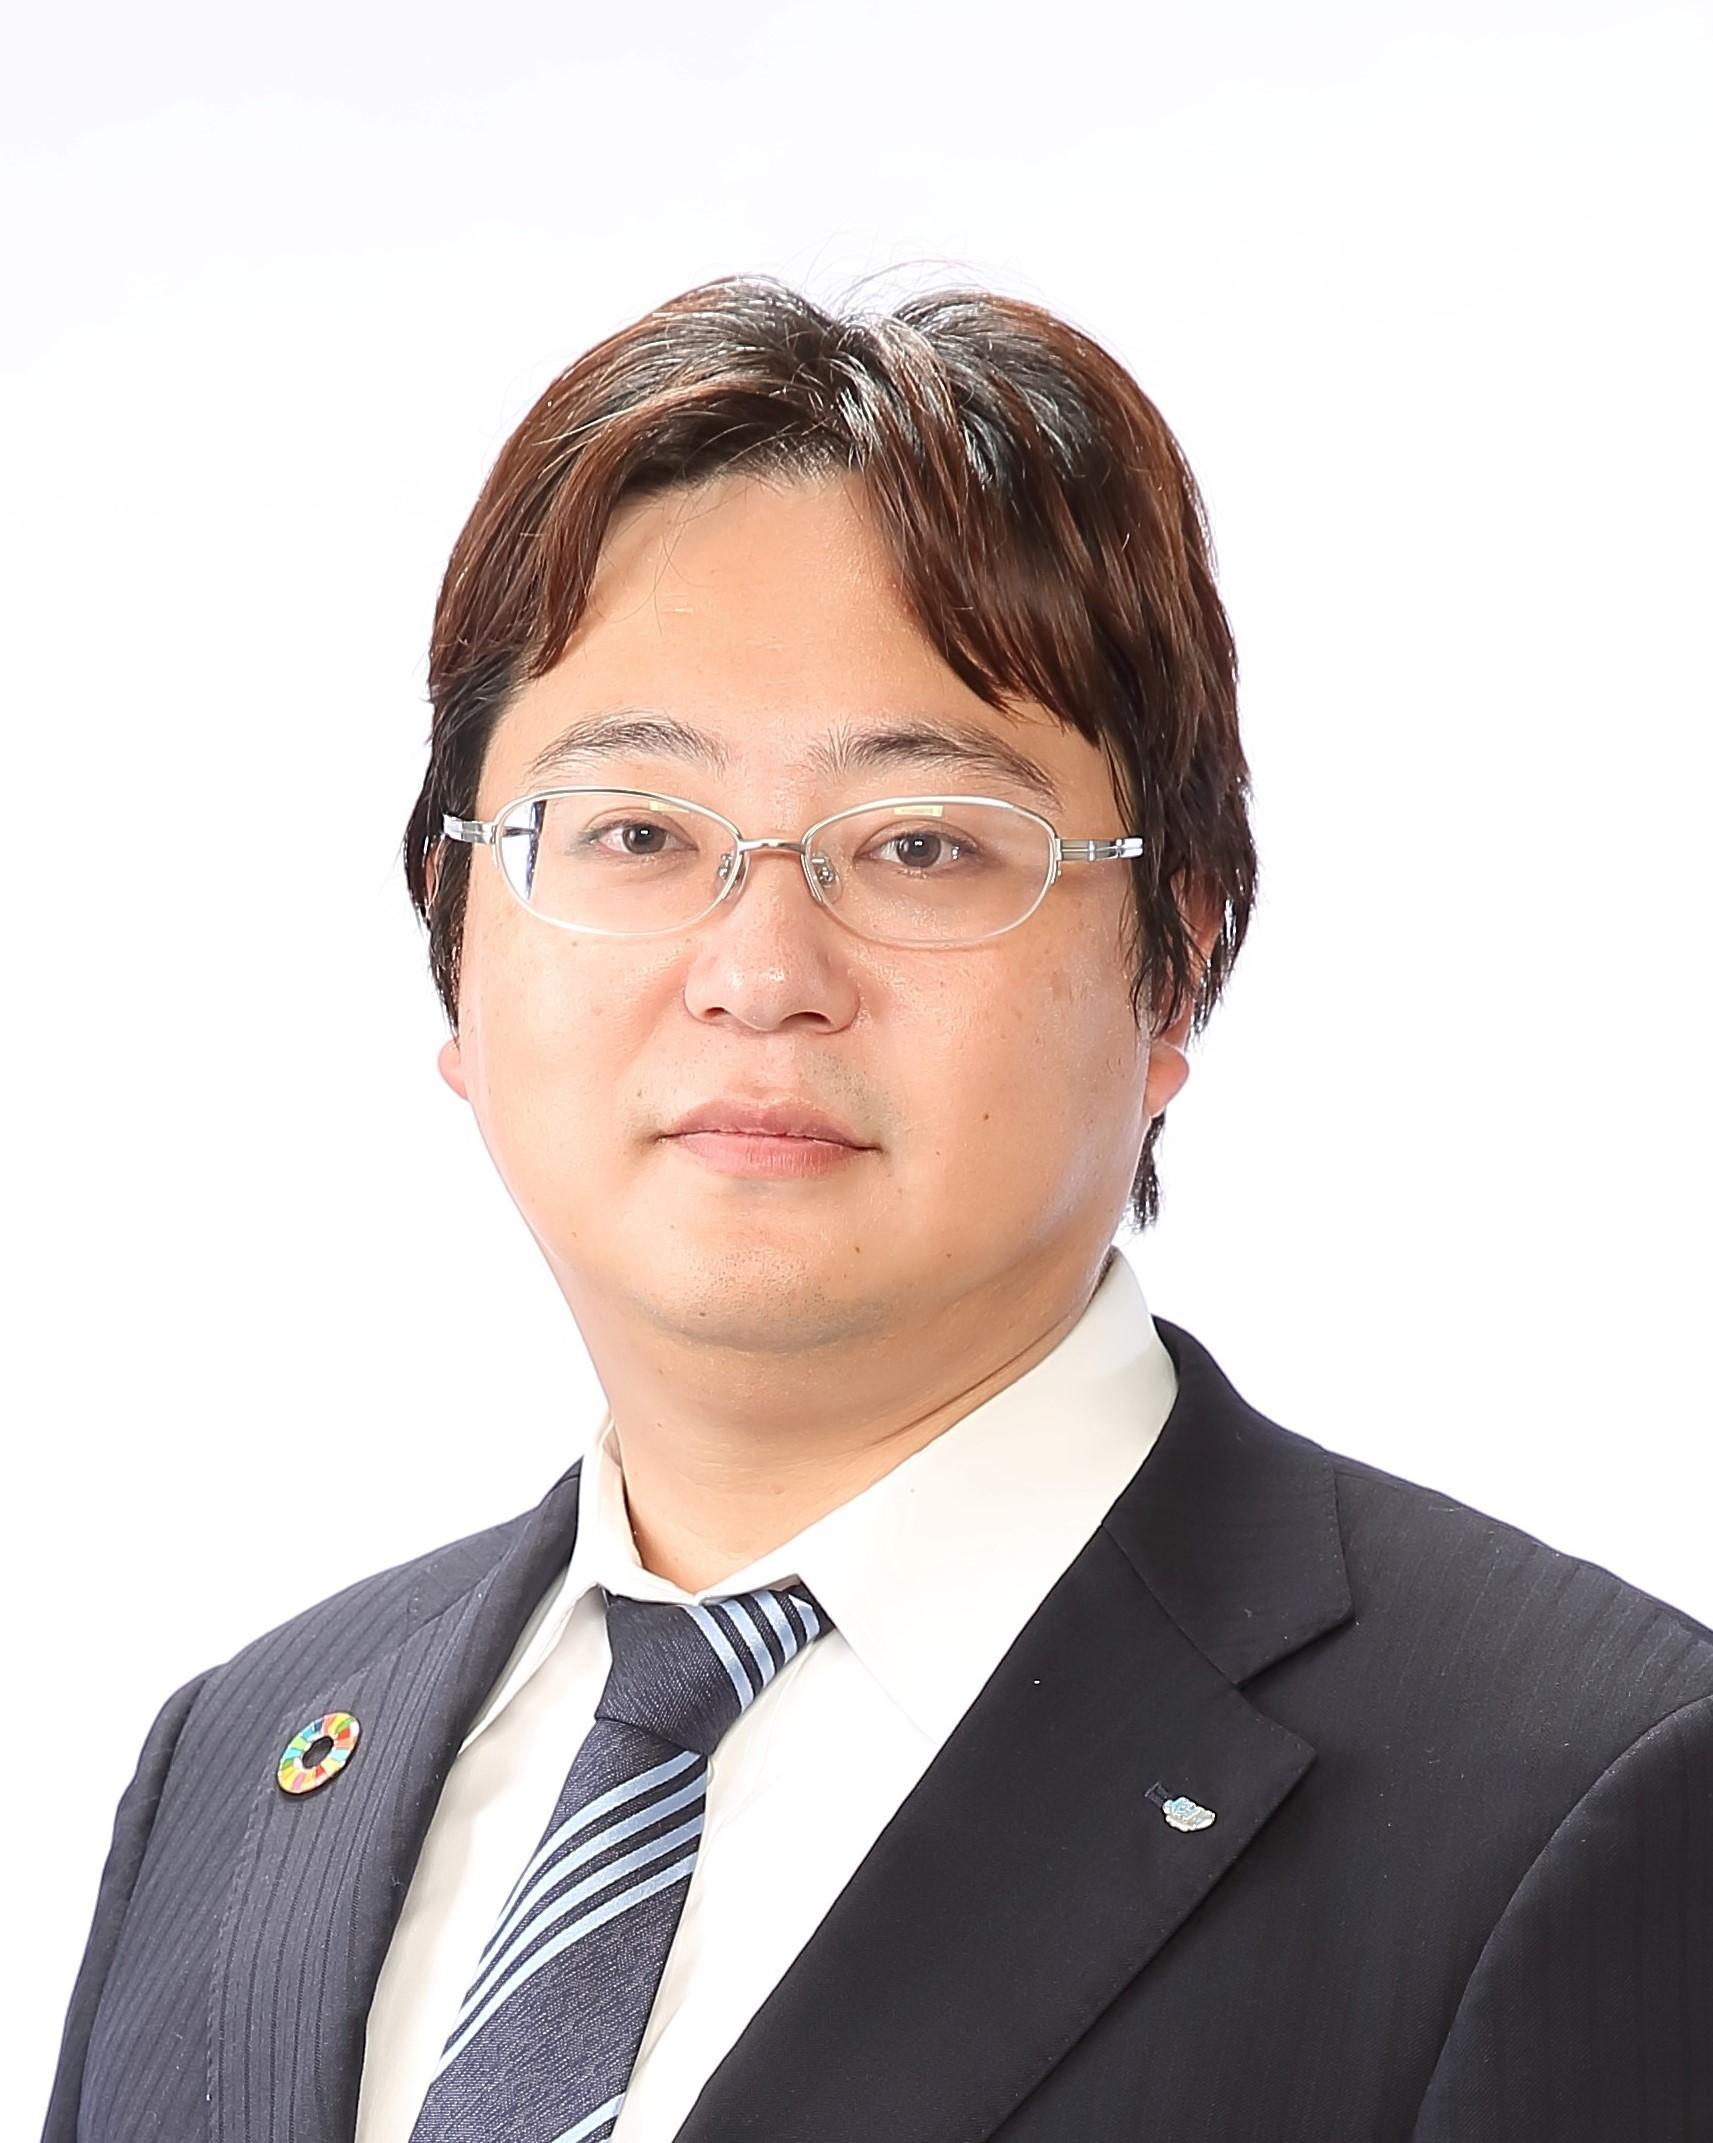 鈴木宏和君